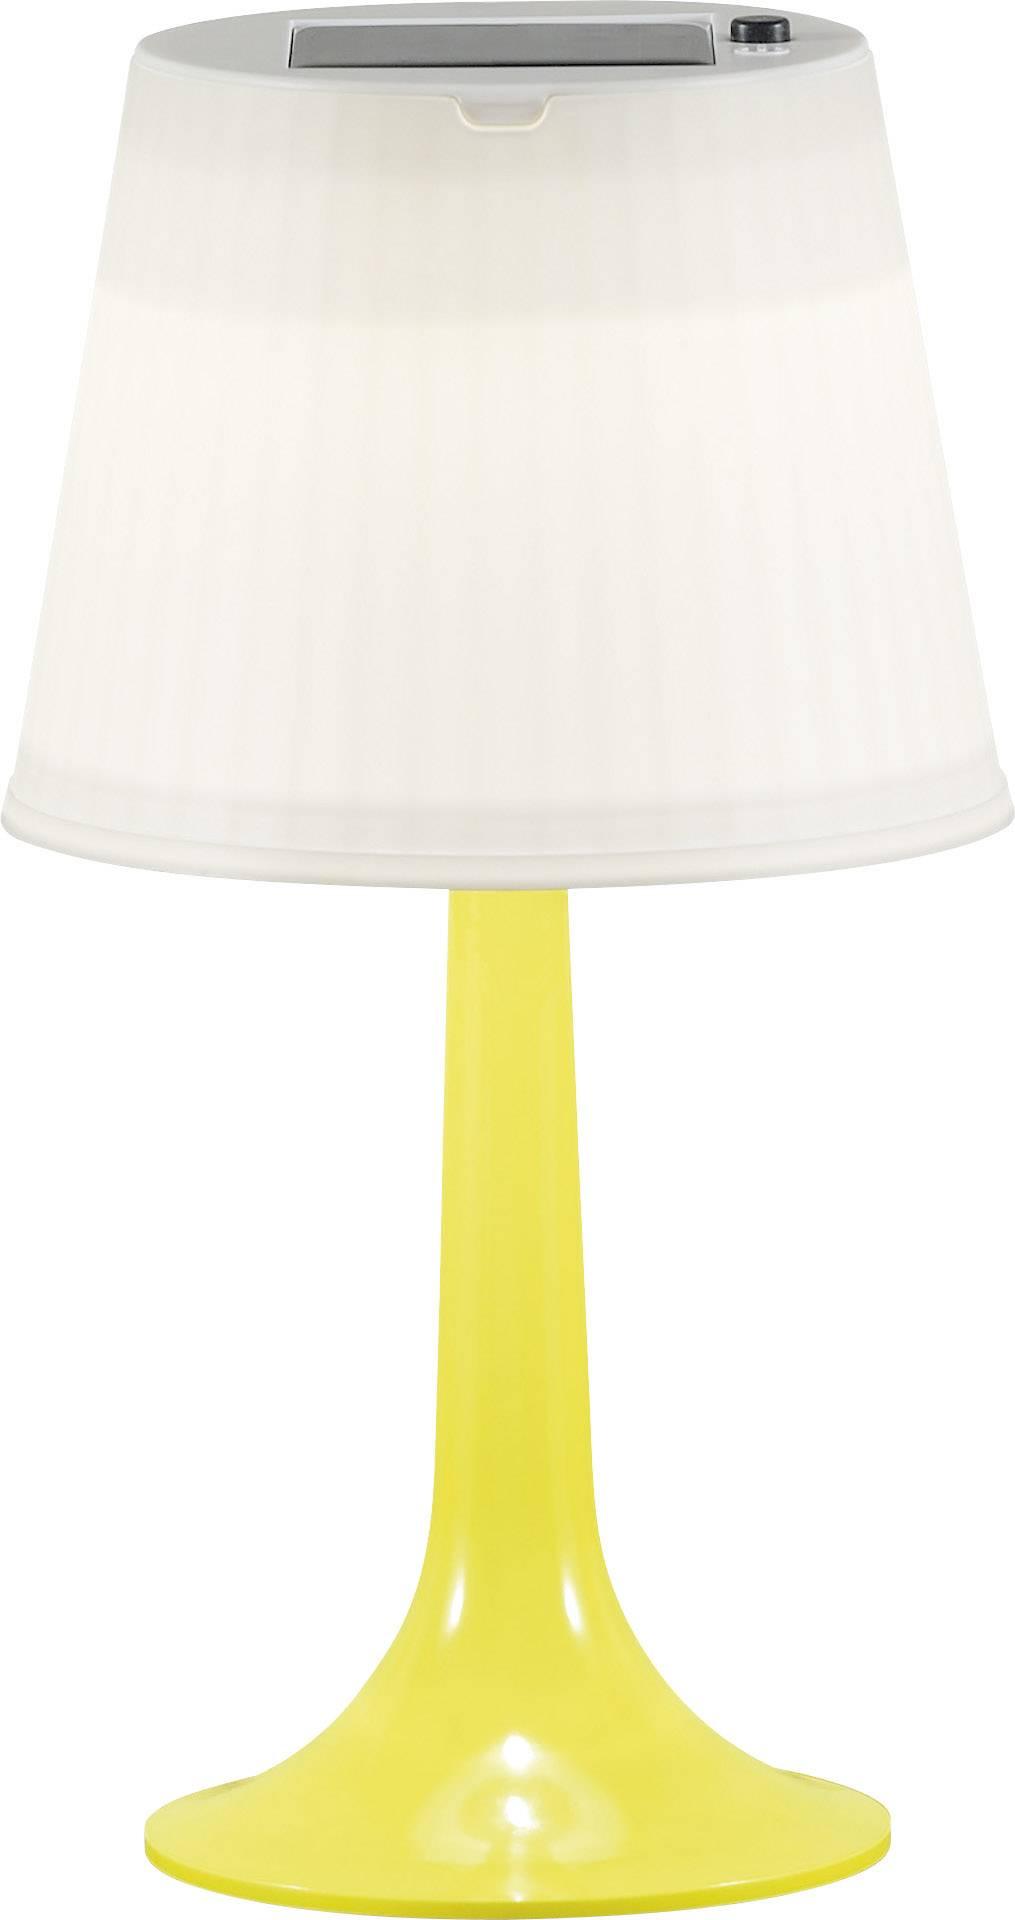 Solární stolní lampa 0.5 W neutrálně bílá Konstsmide Assis Sitra 7109-102 žlutá